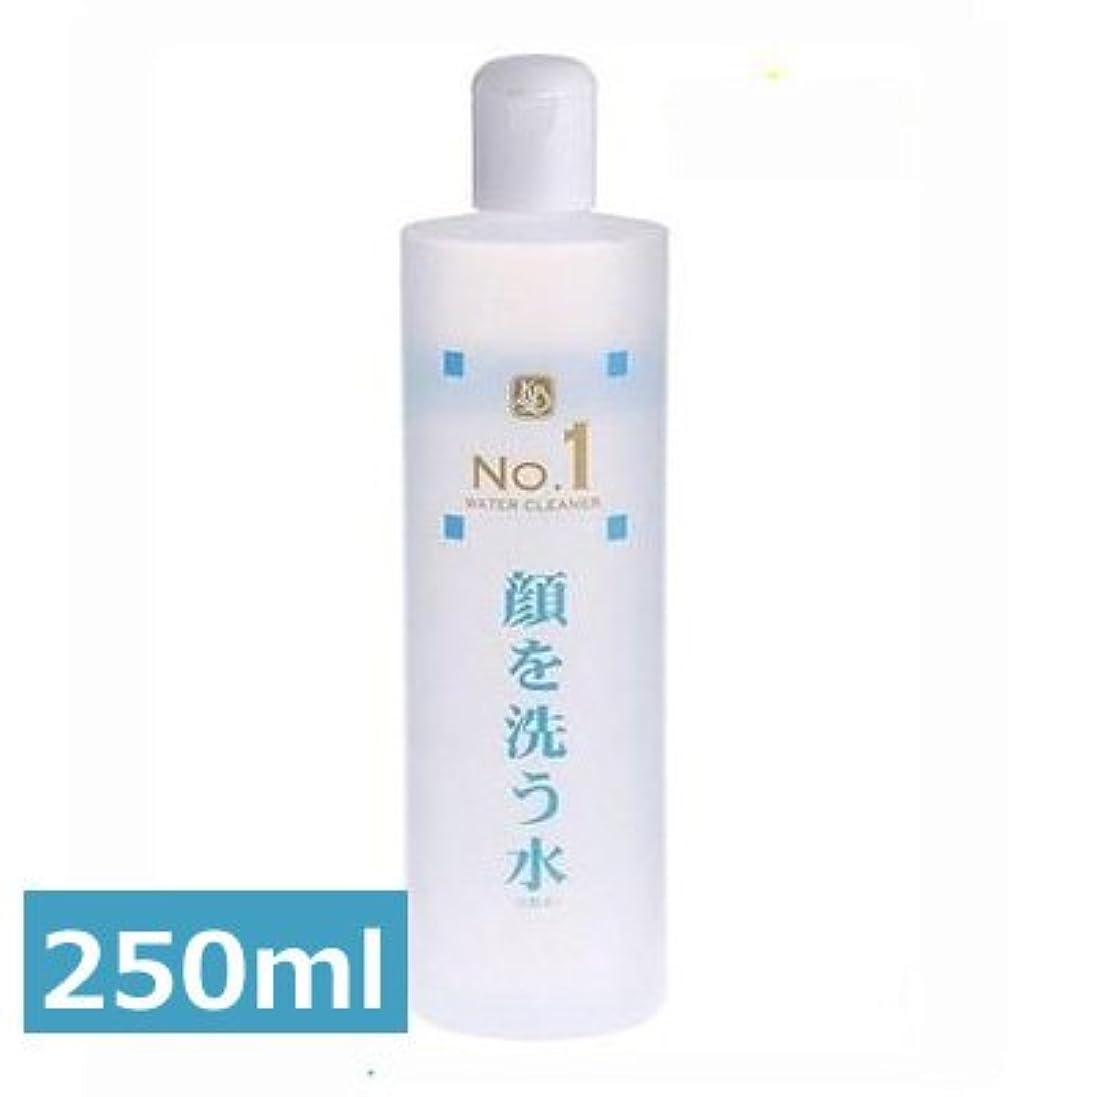 コーナー平和マサッチョウォータークリーナー カミヤマ美研 顔を洗う水 No.1 250ml 2本セット